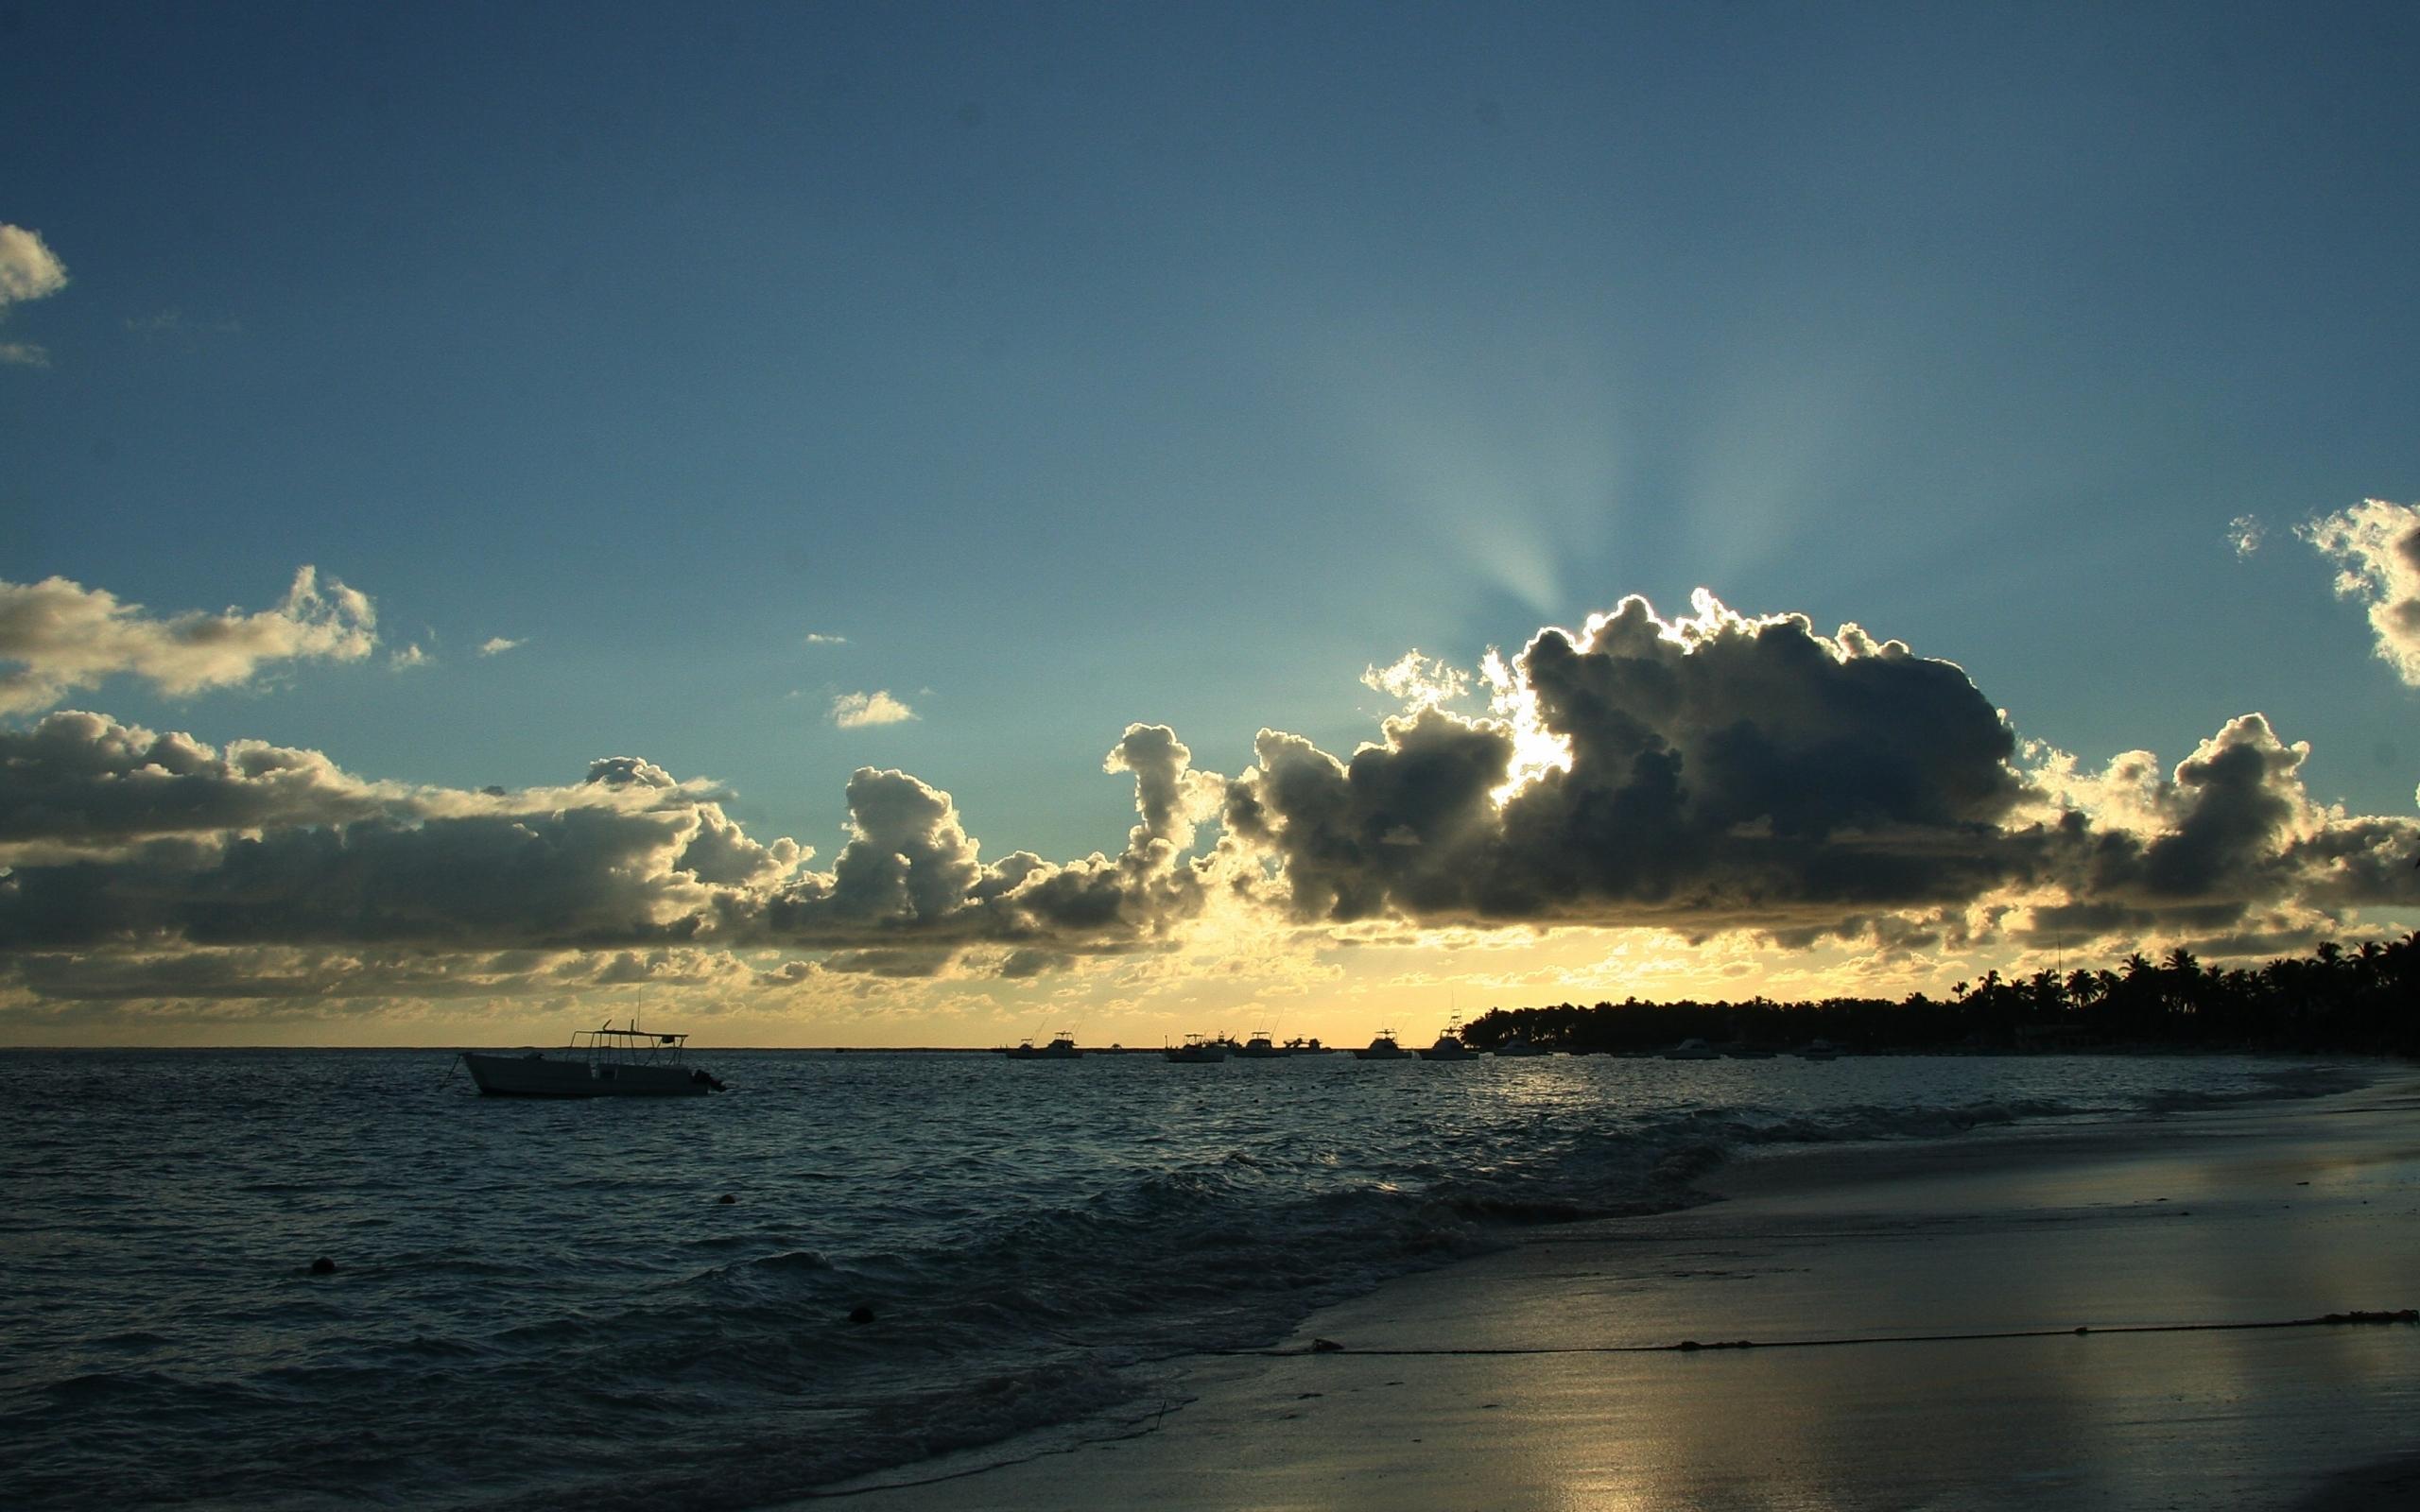 24386 скачать обои Пейзаж, Море, Солнце, Облака, Пляж - заставки и картинки бесплатно